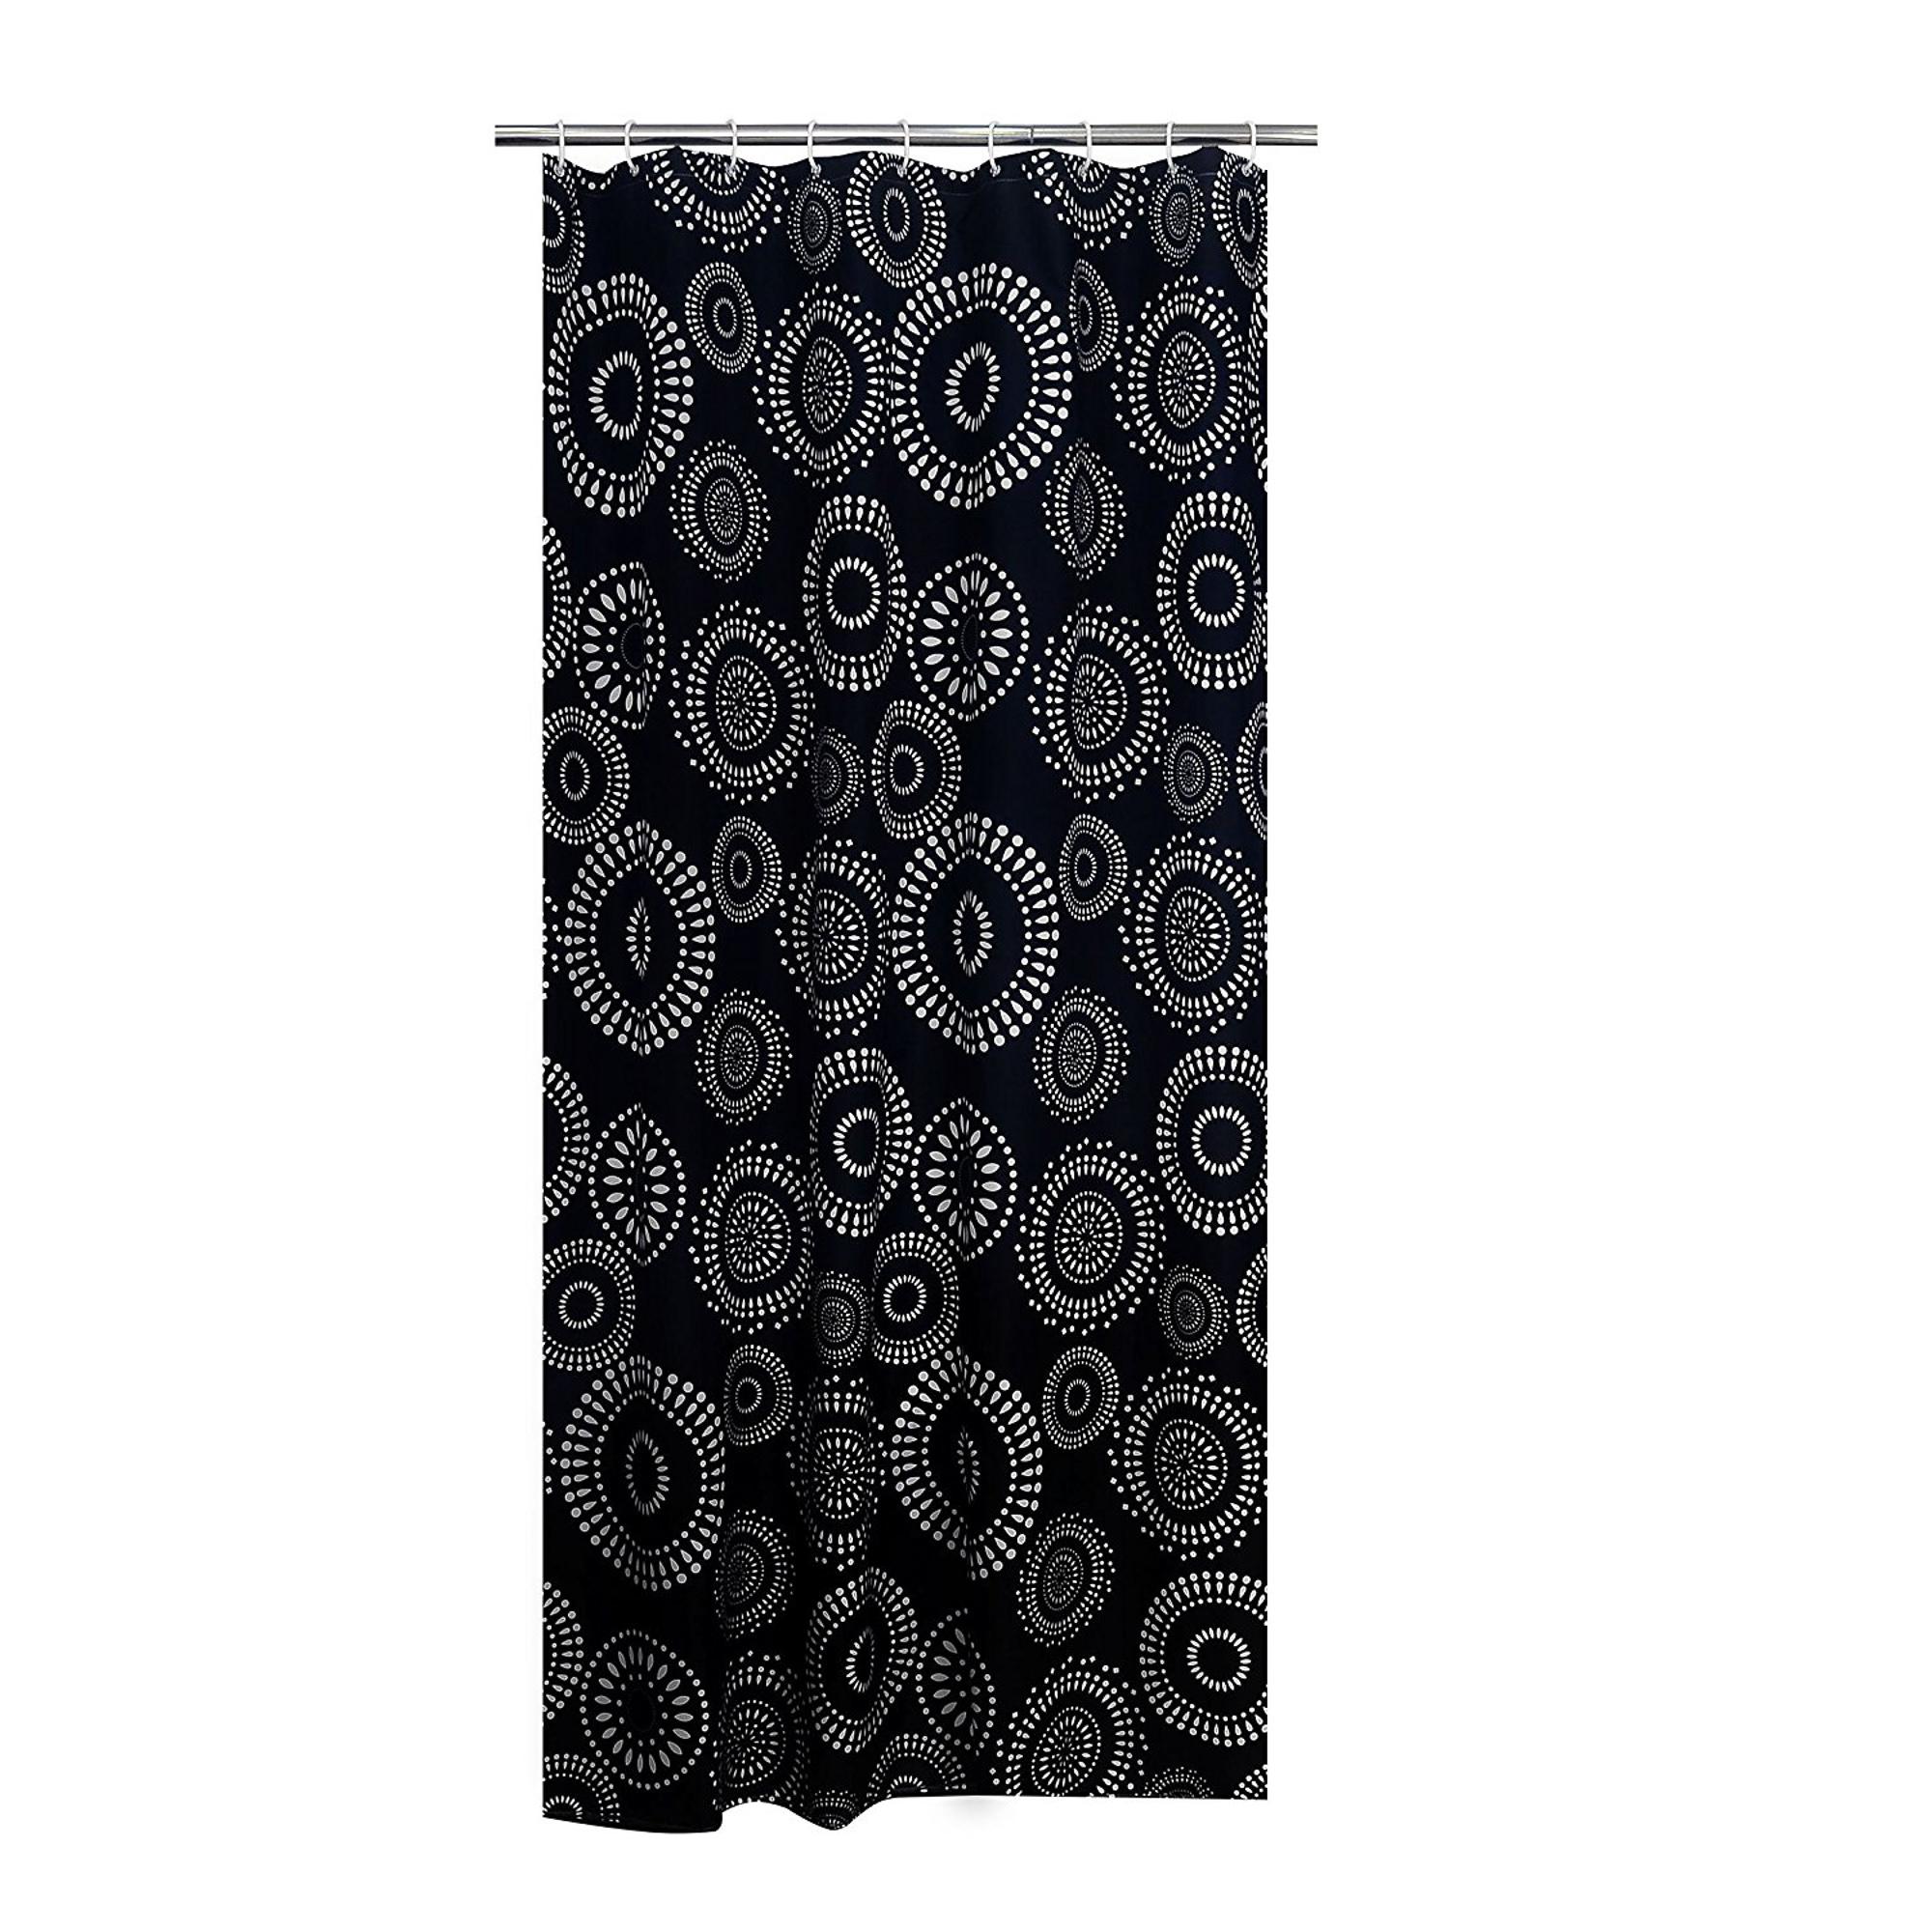 Штора для ванных комнат Fireworks черный 180*200 Ridder